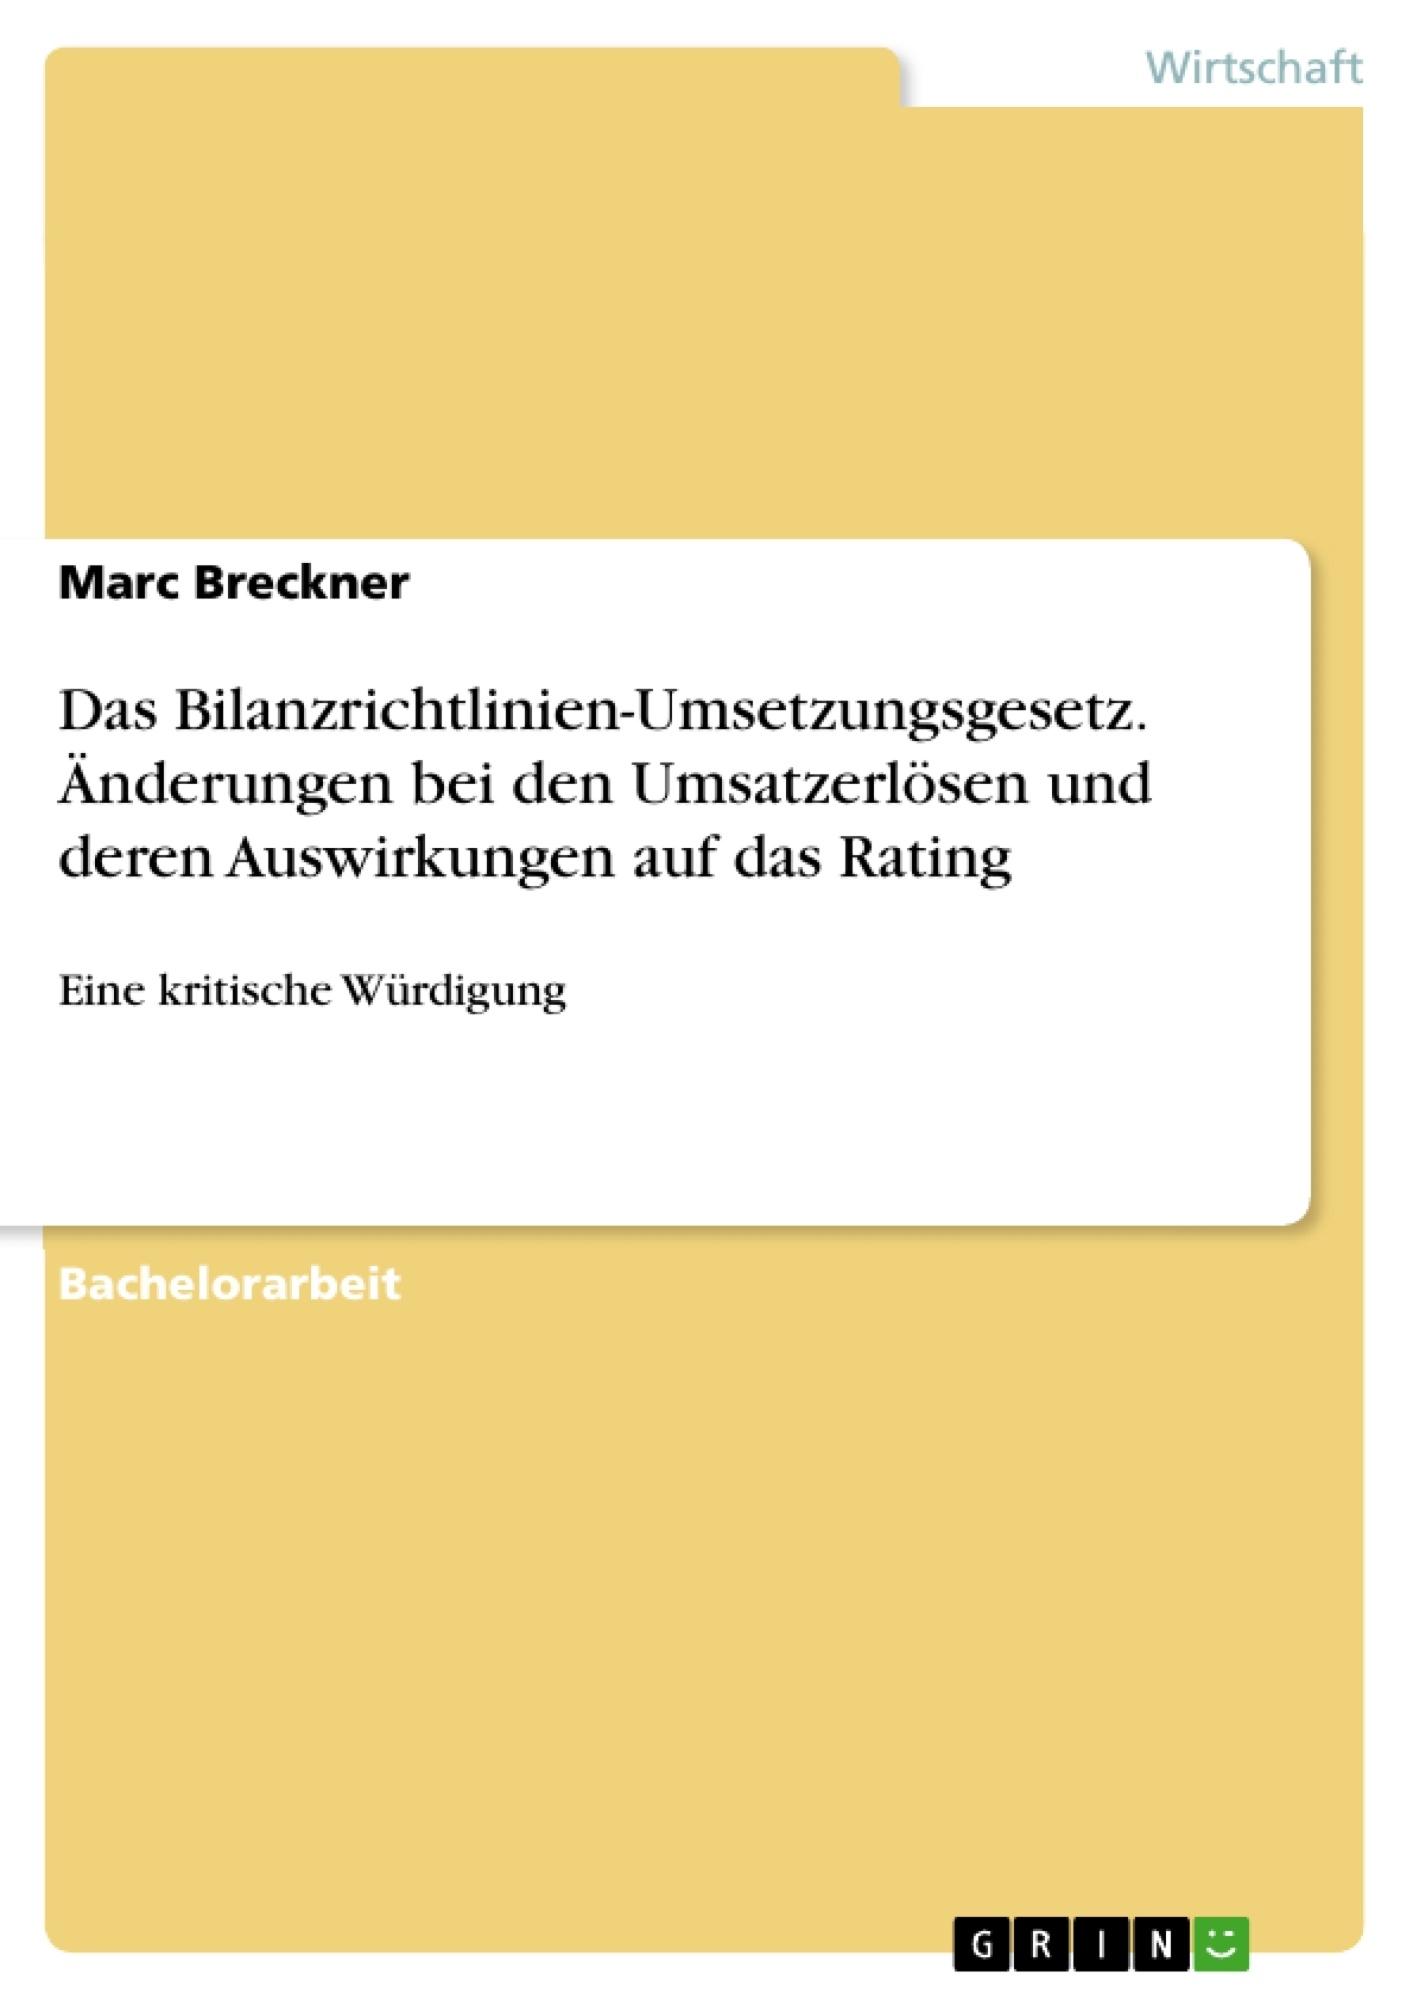 Titel: Das  Bilanzrichtlinien-Umsetzungsgesetz. Änderungen bei den Umsatzerlösen und deren Auswirkungen auf das Rating